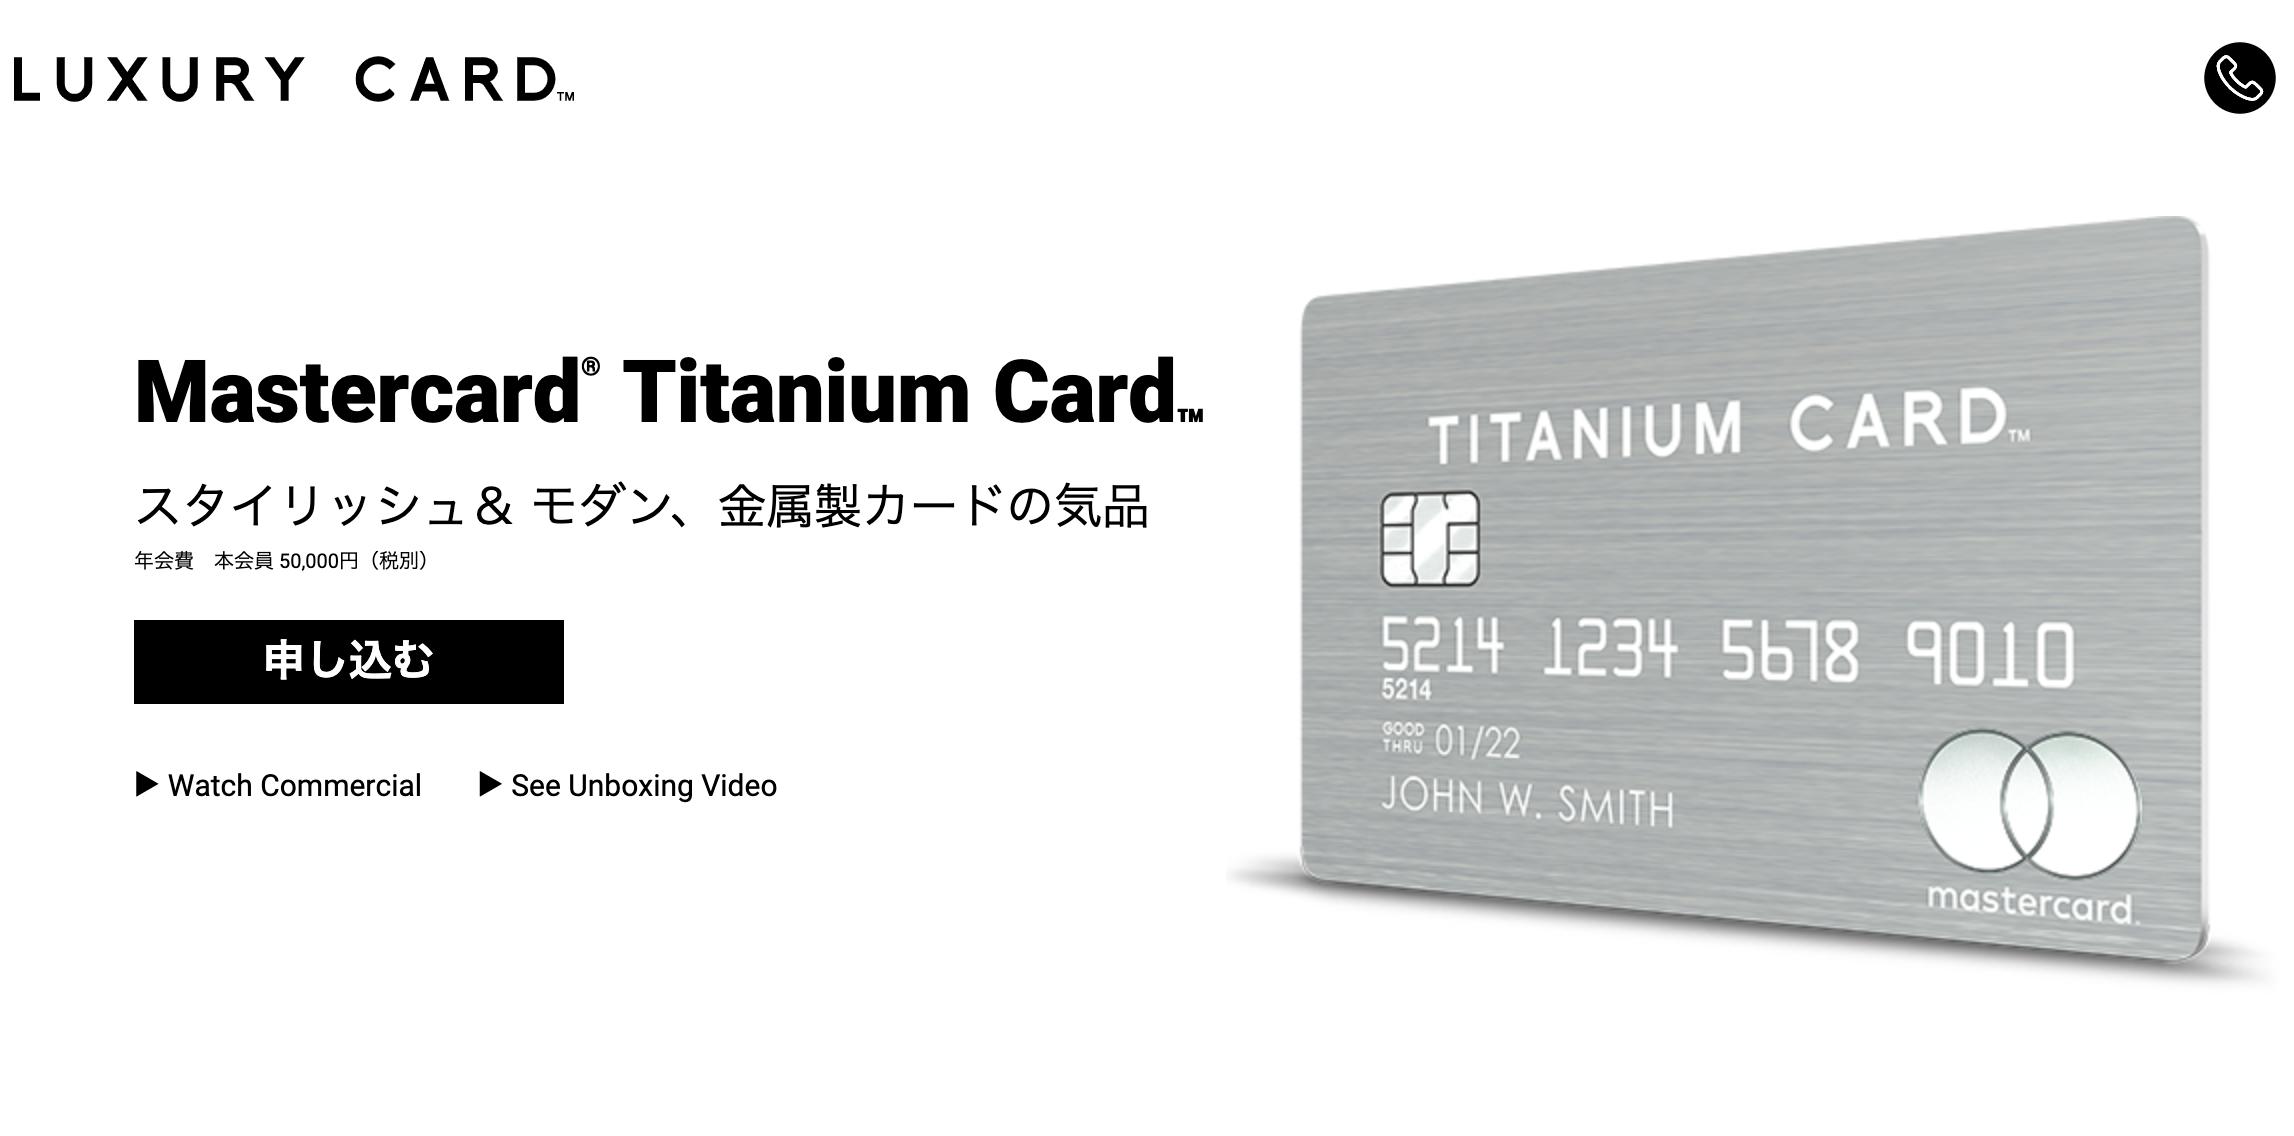 24歳でラグジュアリーカード(チタン)を取得!特典満載で実はコスパ良し